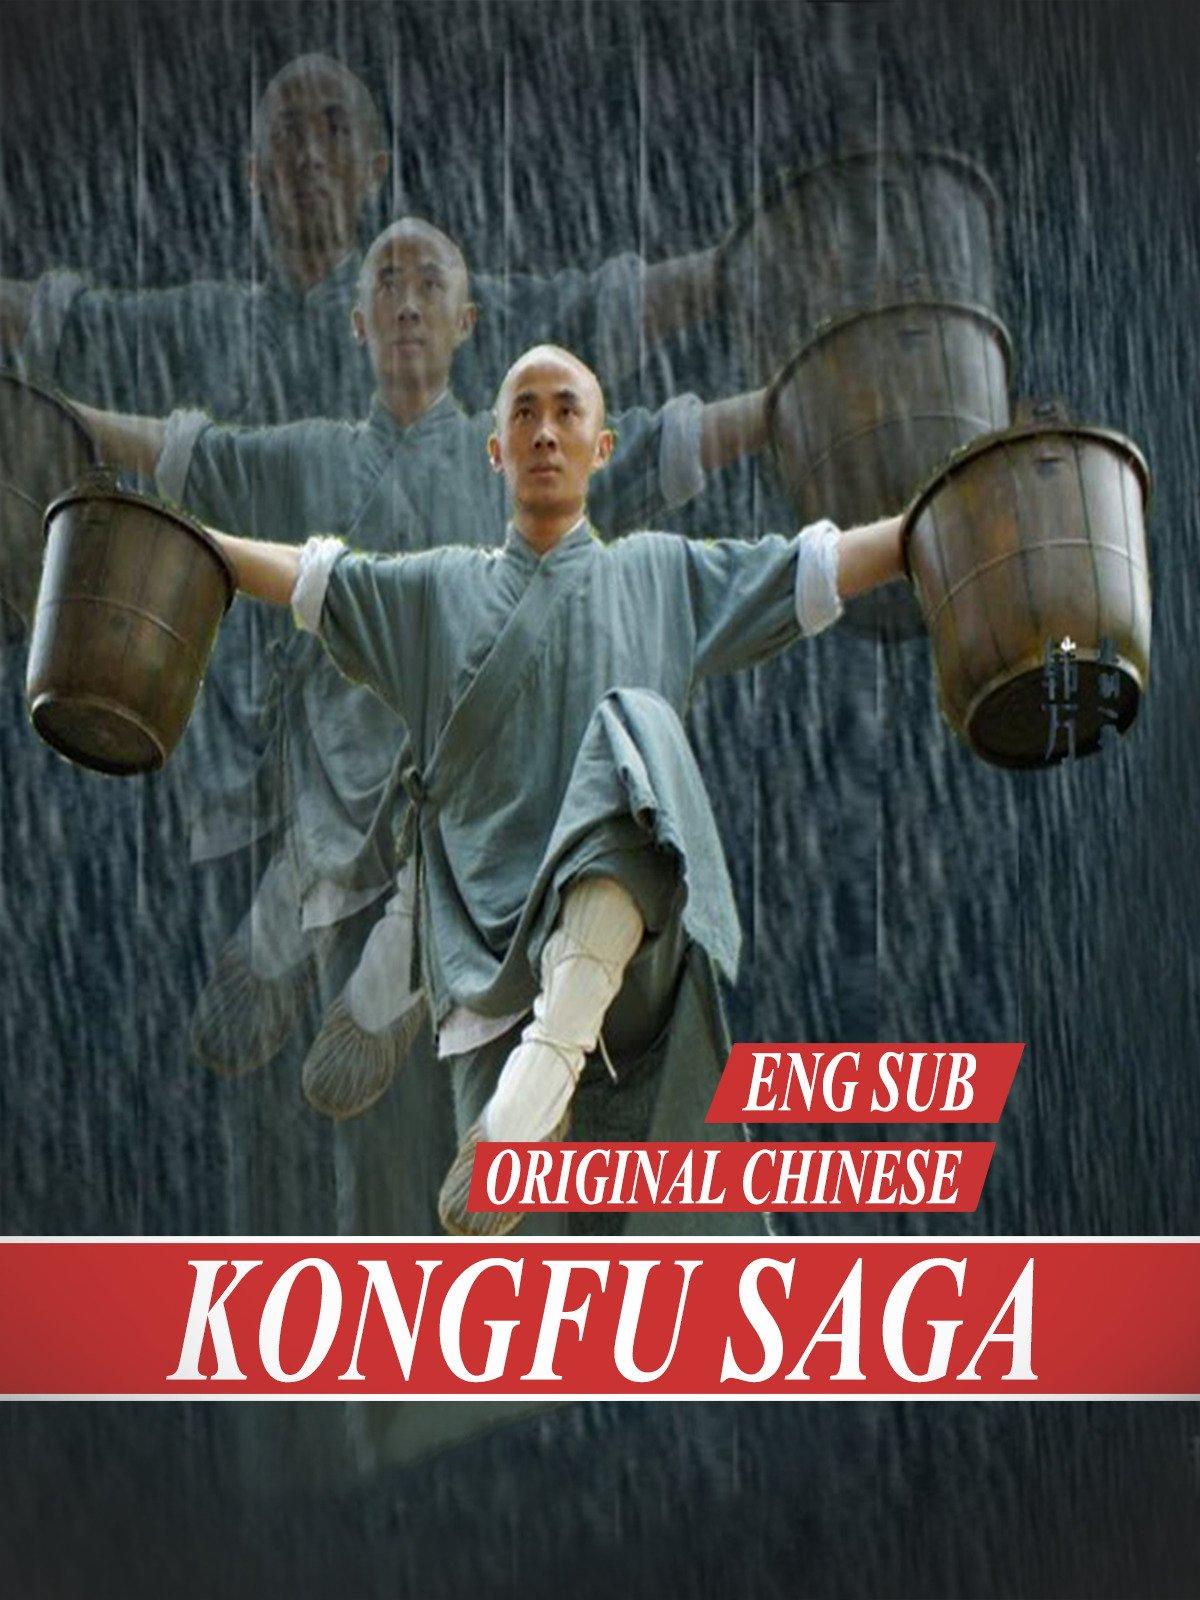 Kоngfu Sаgа [Eng Sub] original Chinese